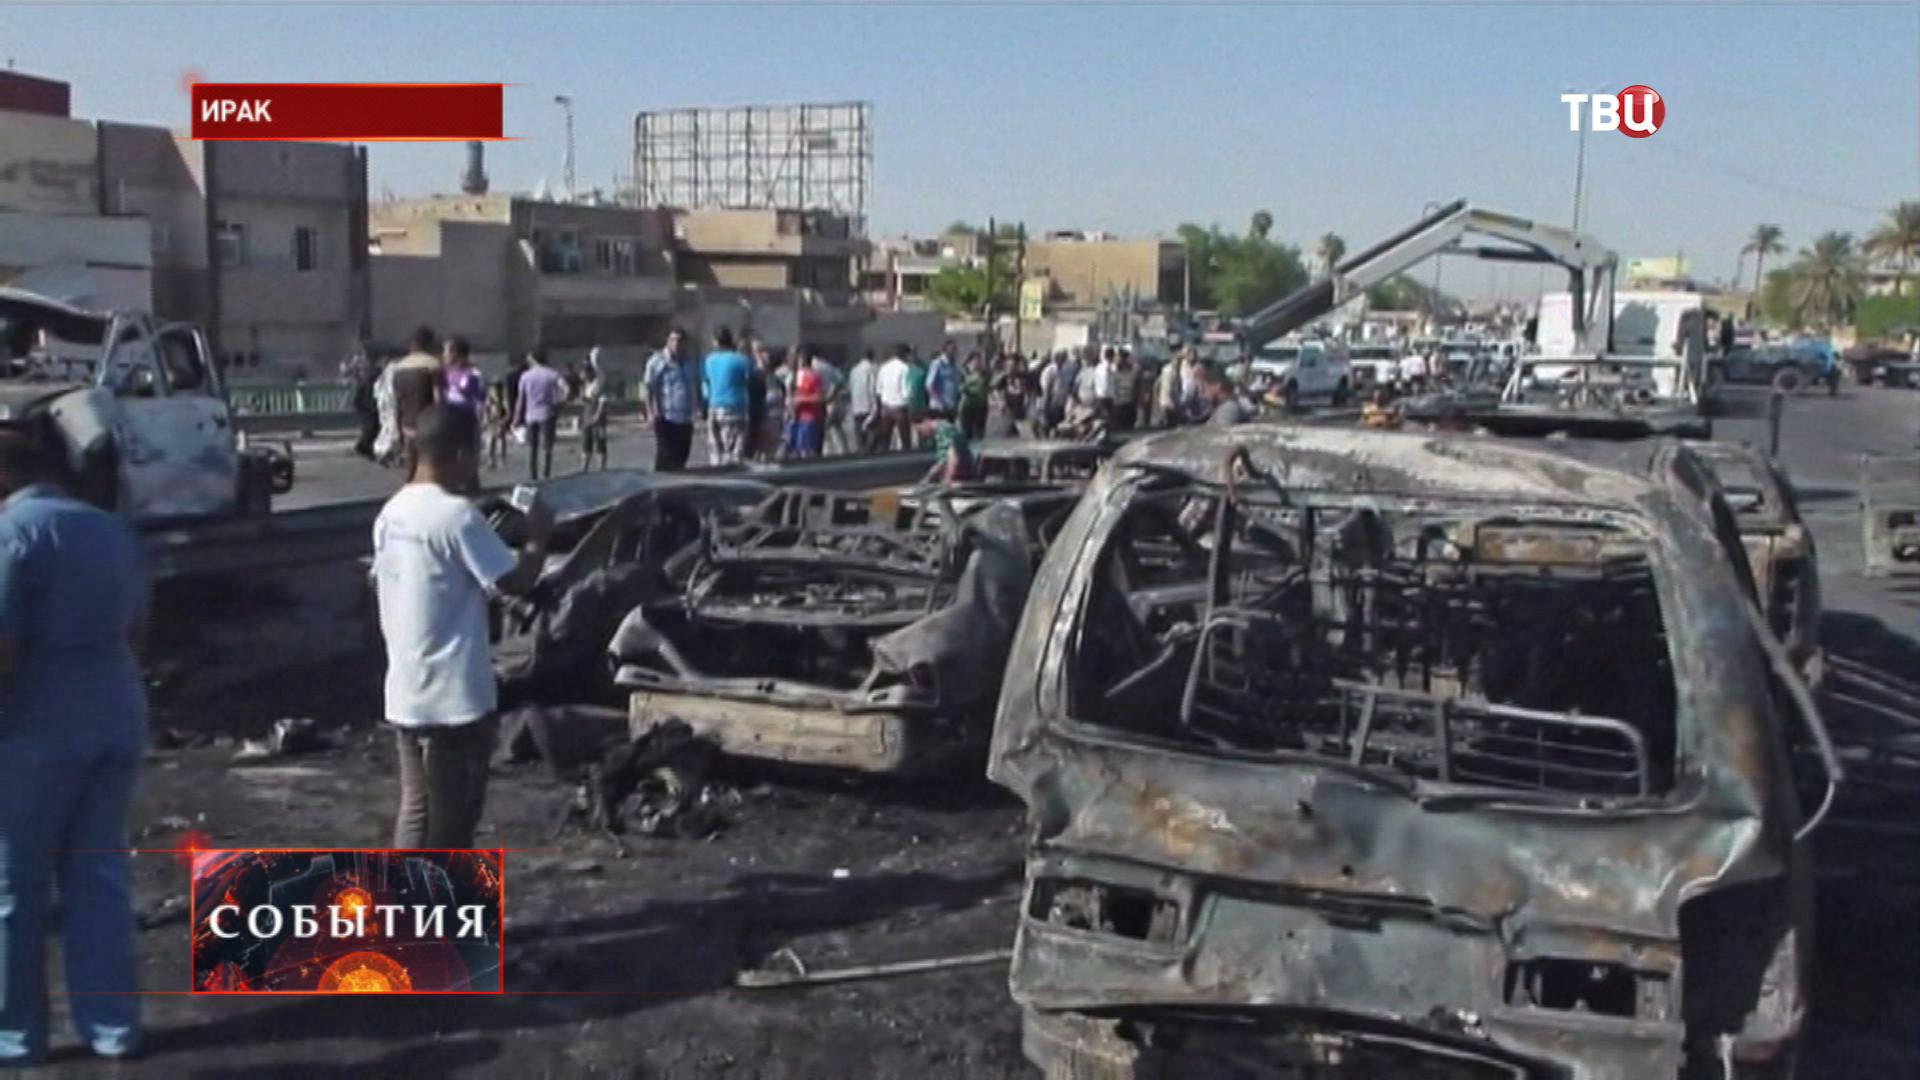 Сгоревшие машины после взрыва в Ираке